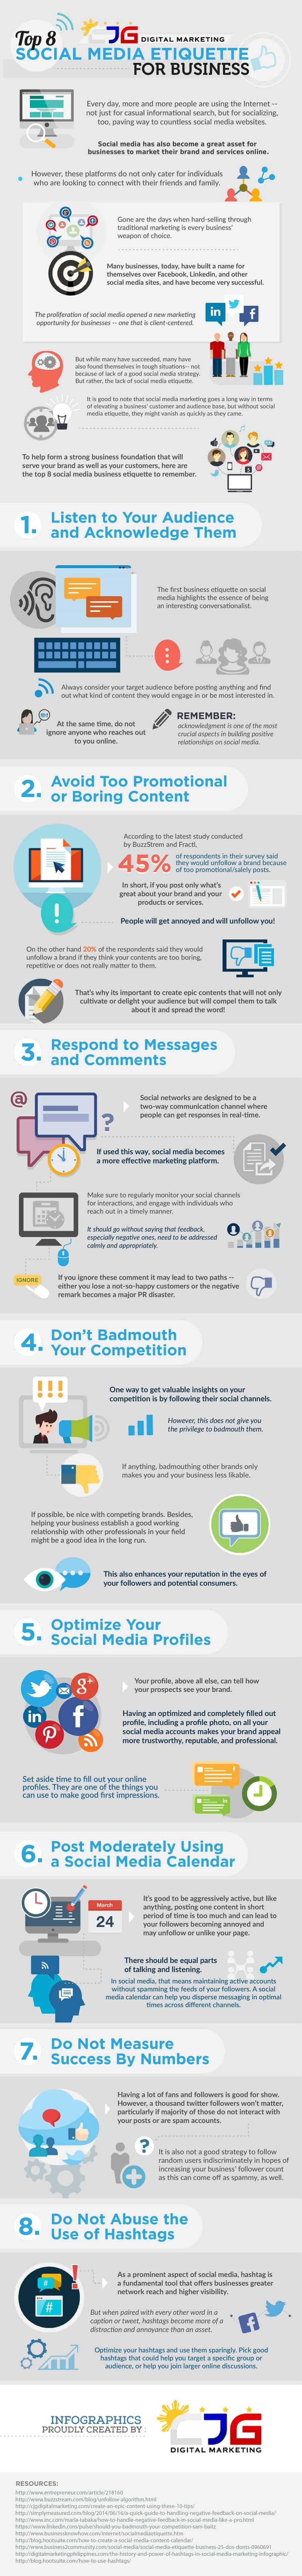 business etiquette for social media